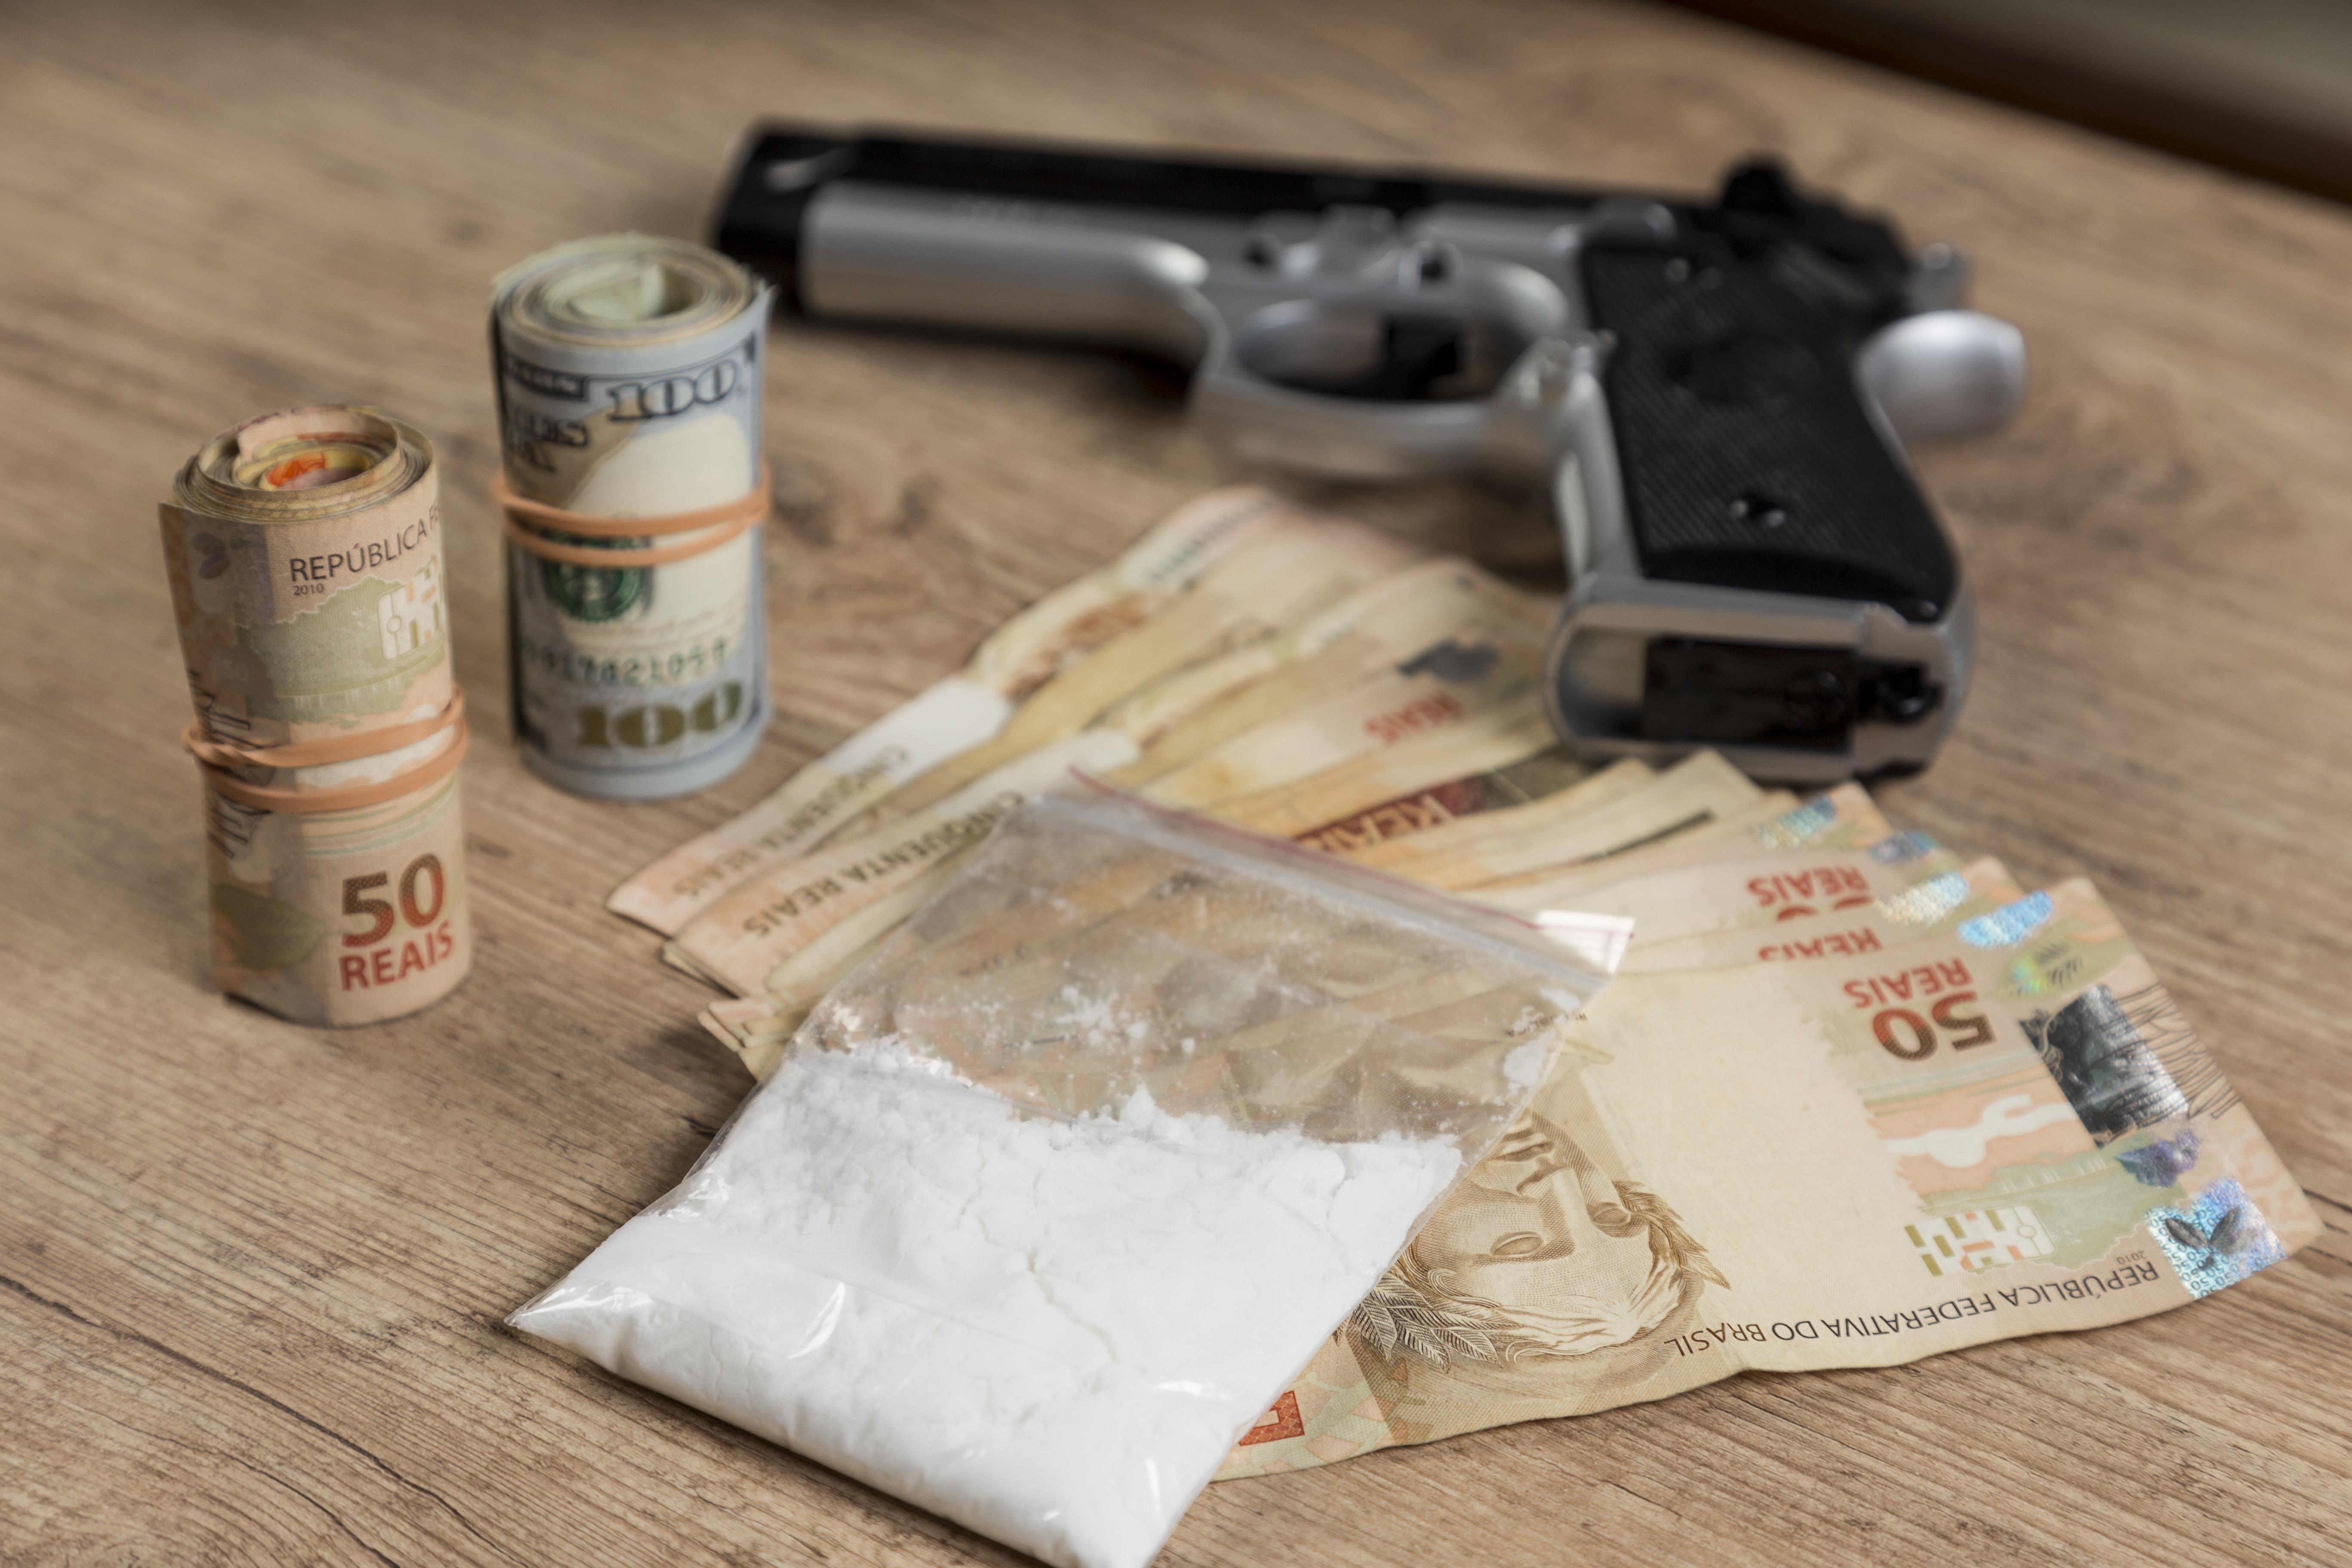 violencia, Rio de Janeiro, Witzel, drogas, Tráfico de drogas, violência, crime